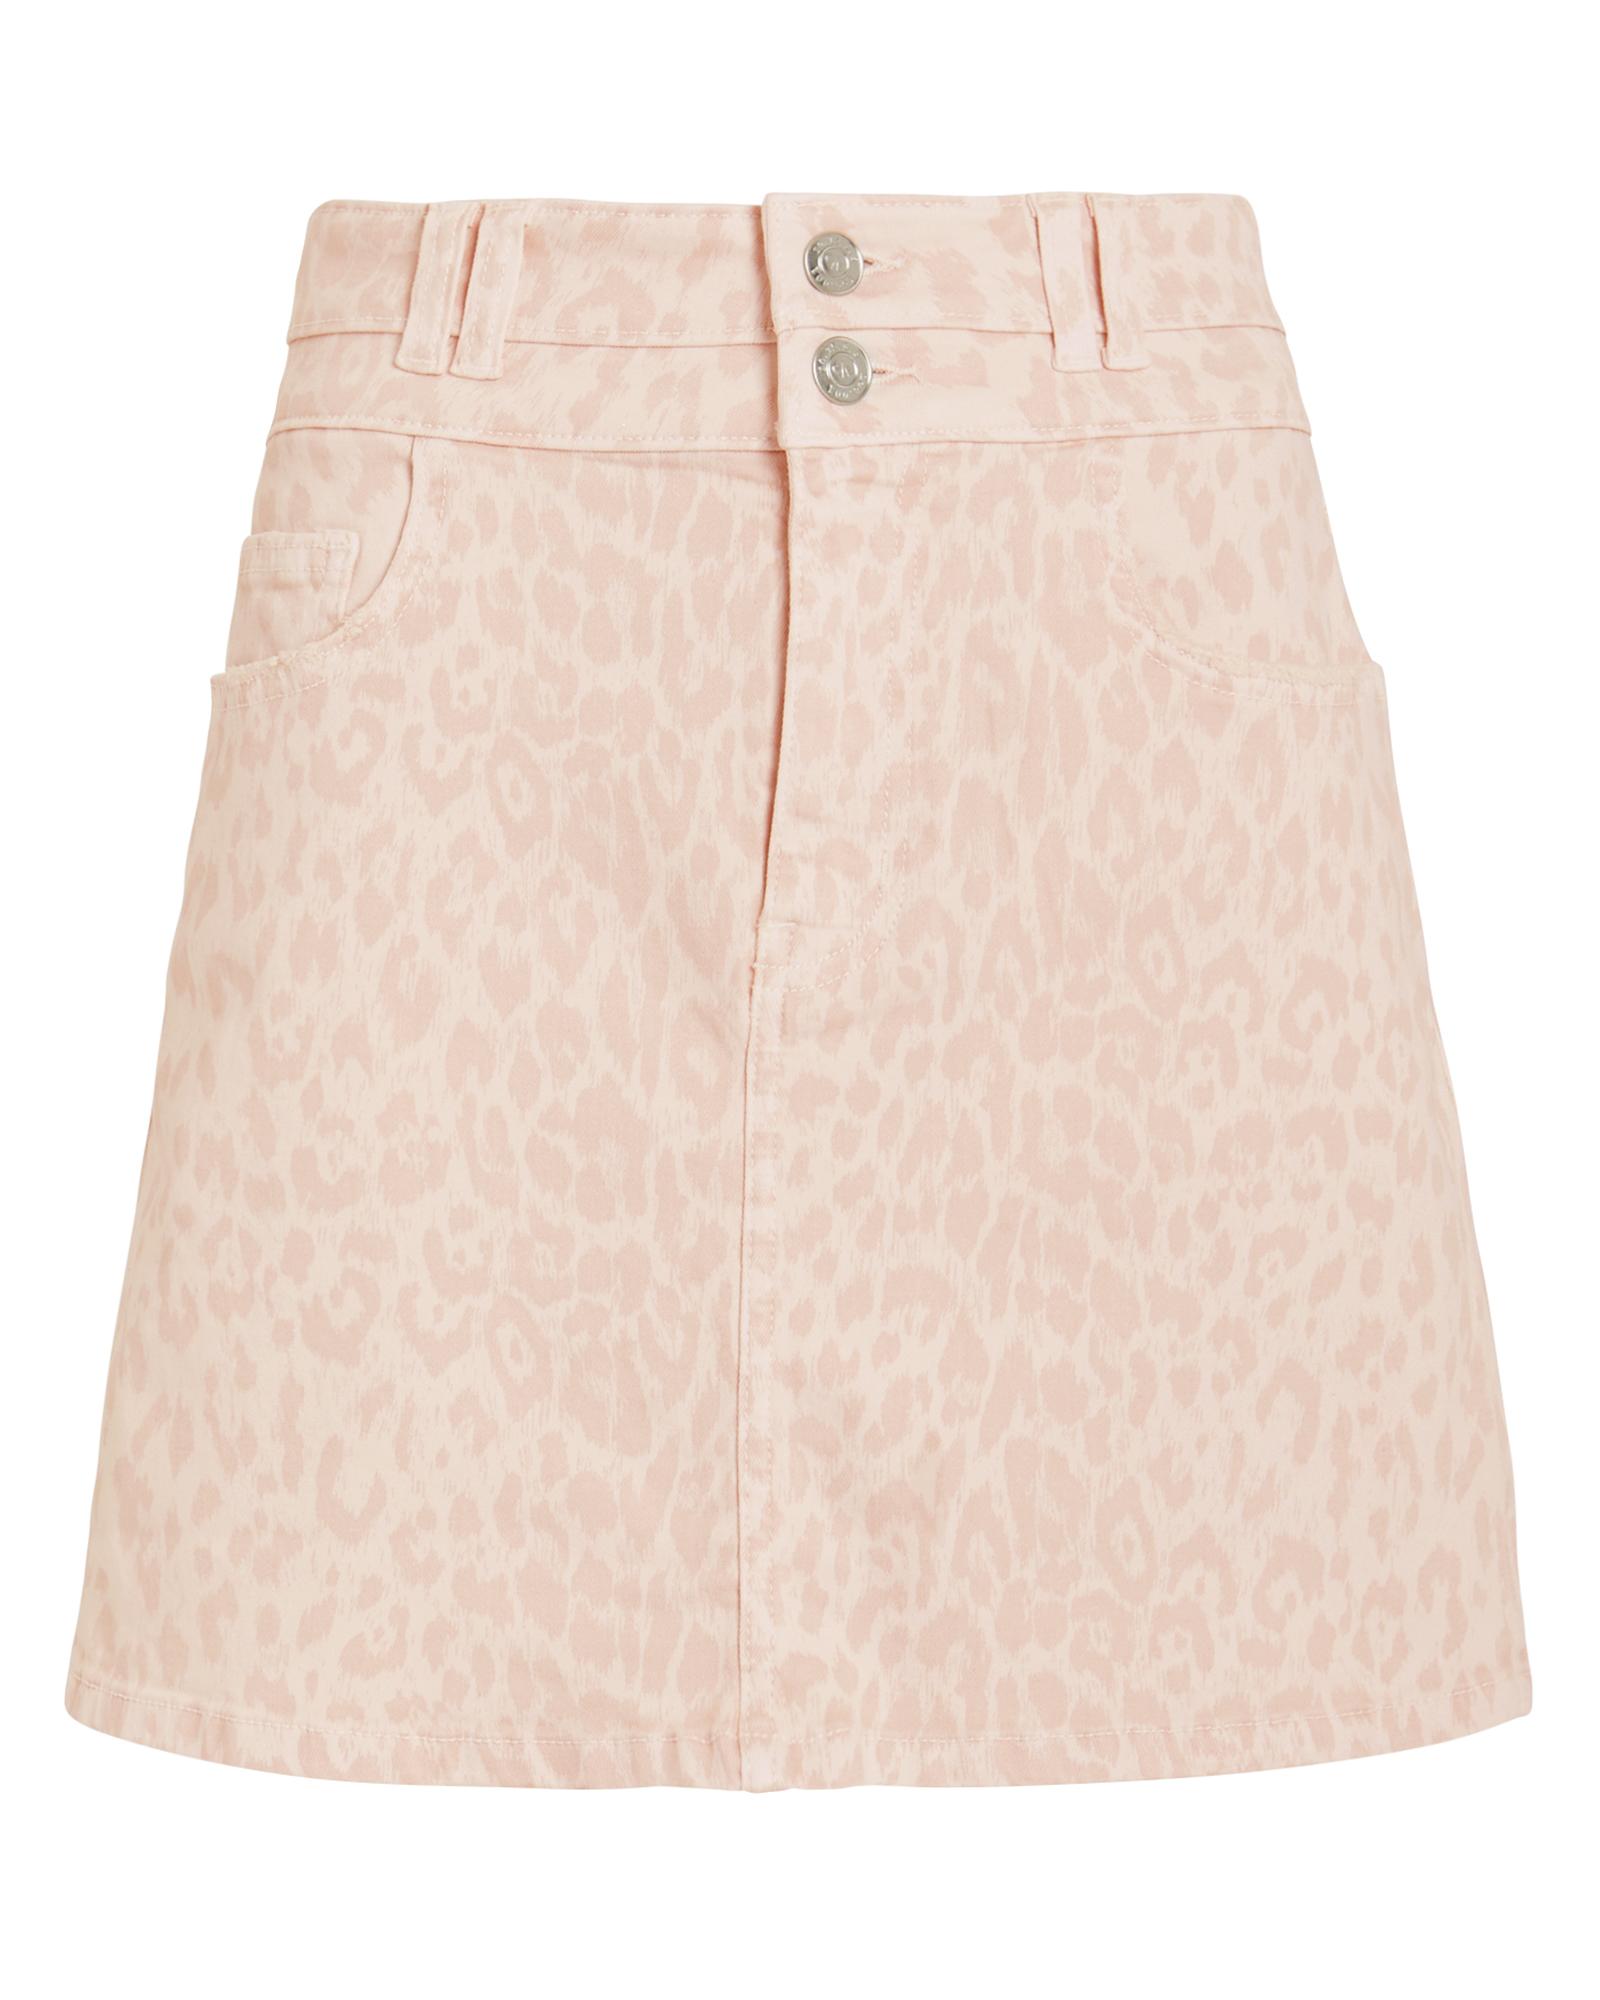 dbf4dd7e87 Current Elliott The Flute Denim Skirt In Light Pink | ModeSens